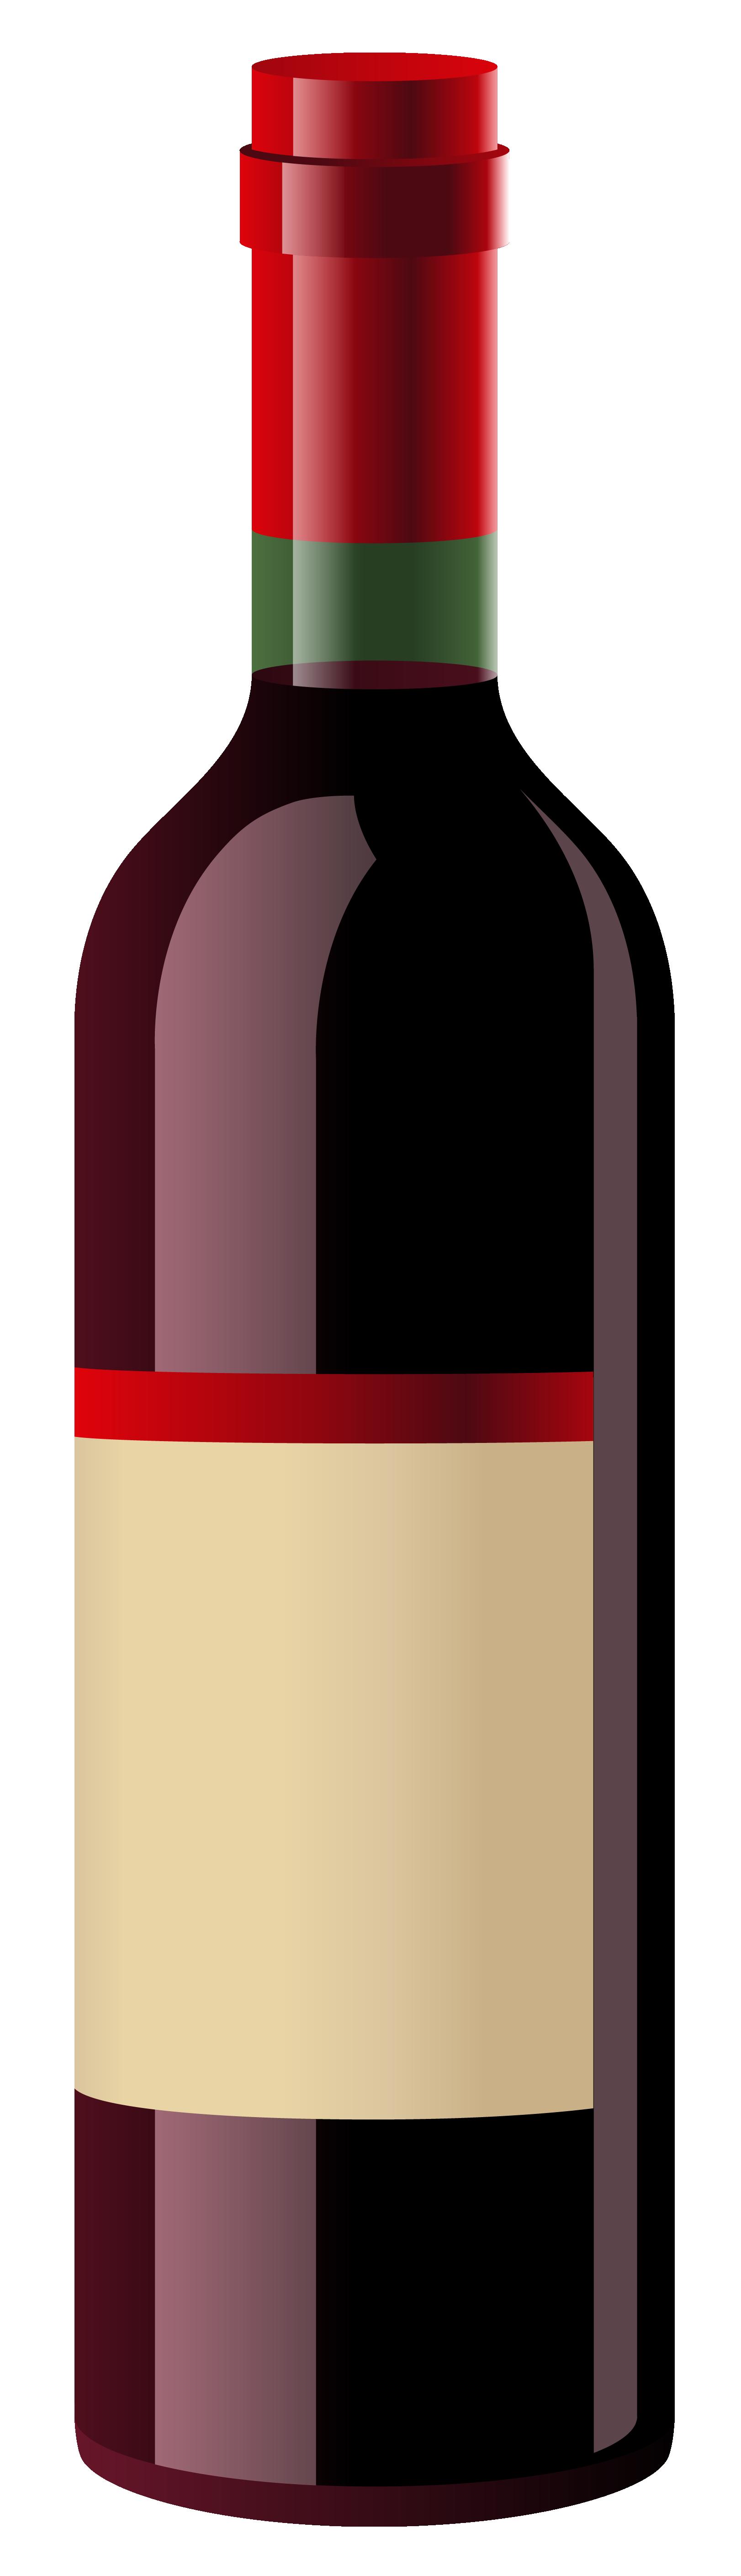 Wine bottle clipart clipground for Wine bottle artwork